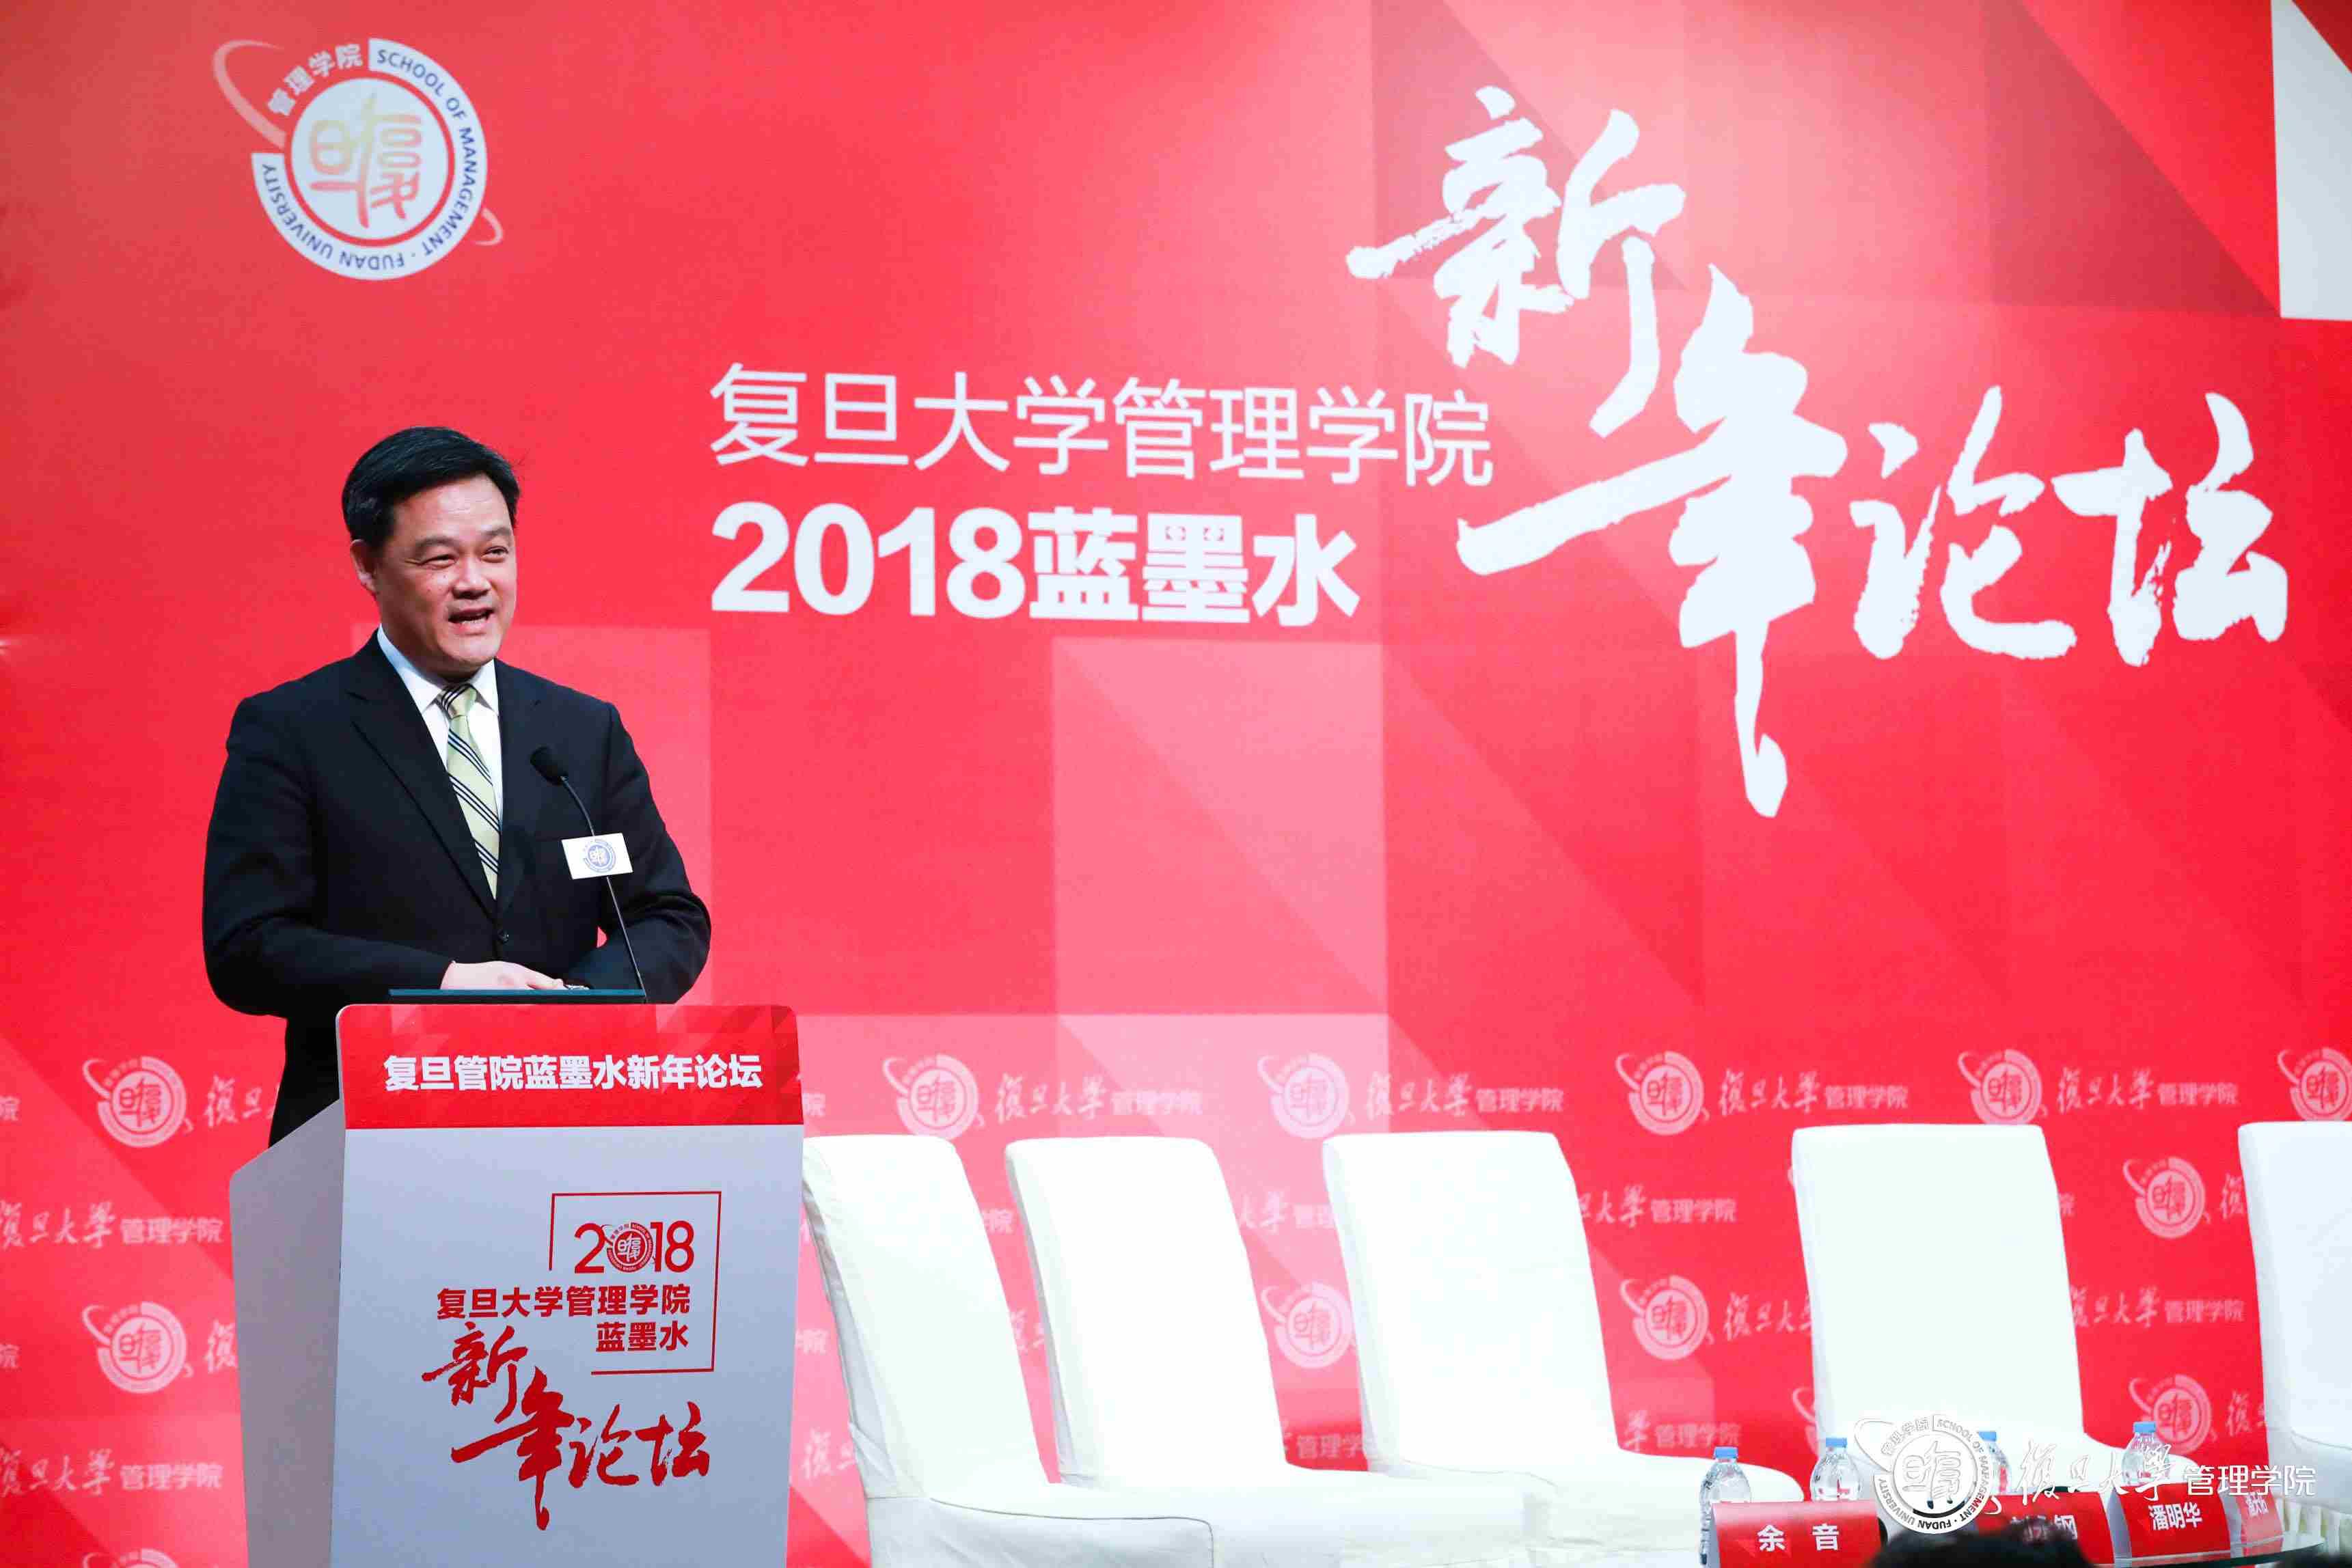 潘天佑:微软亚洲研究院副院长